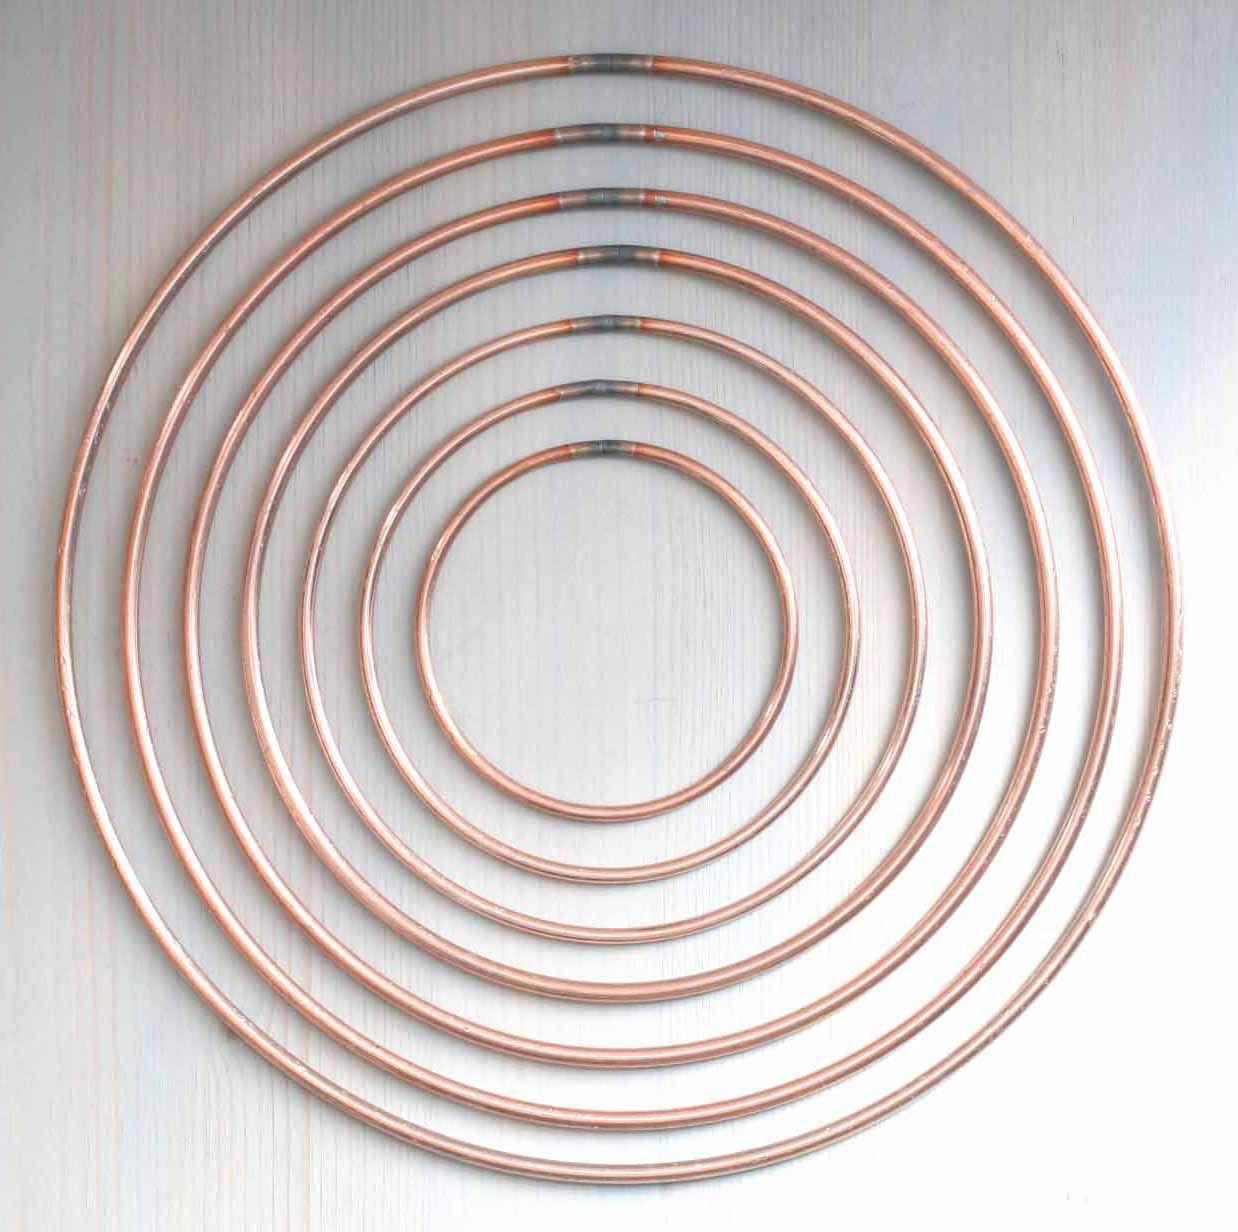 Welded Metal Dream Catcher Dreamcatcher Ring Macrame Craft Hoop DIY Circle